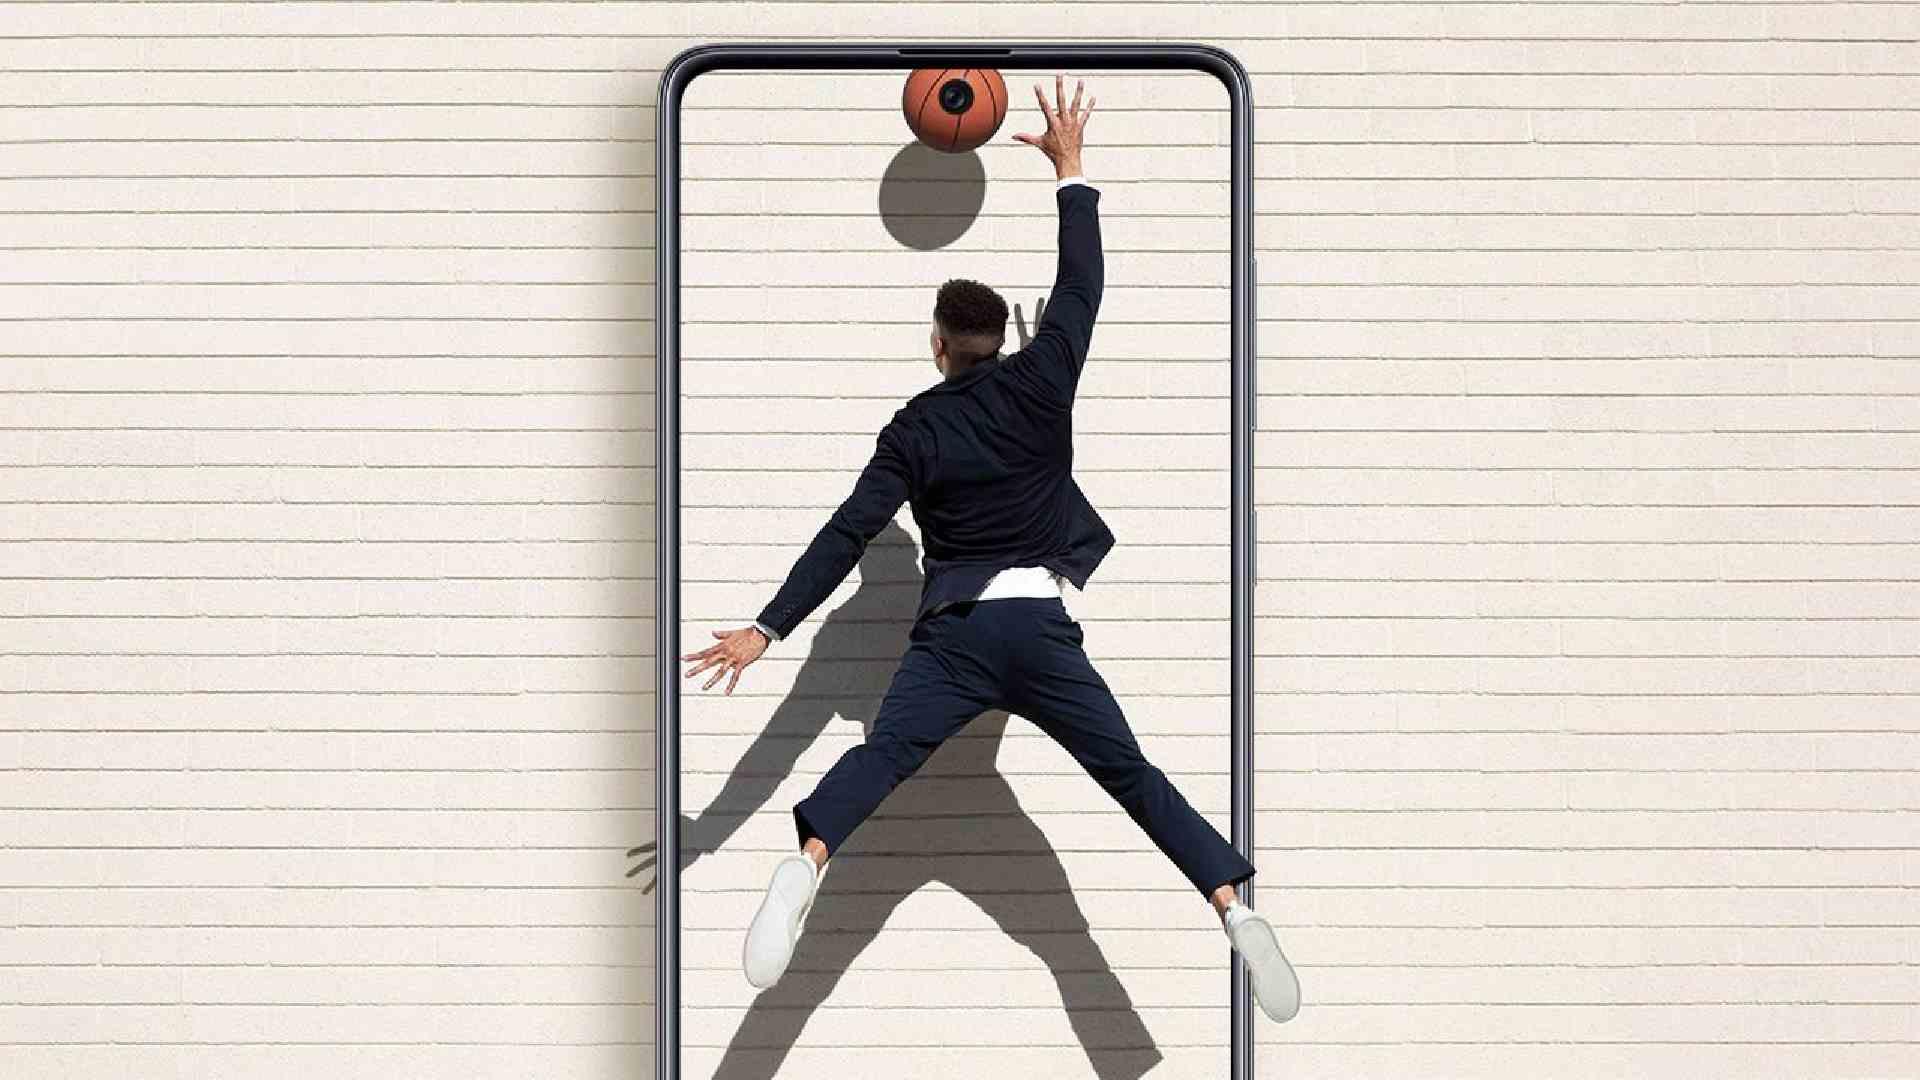 Imagem mostra homem jogando basquete, atravessando molde de A71, dando ar de tela 3D